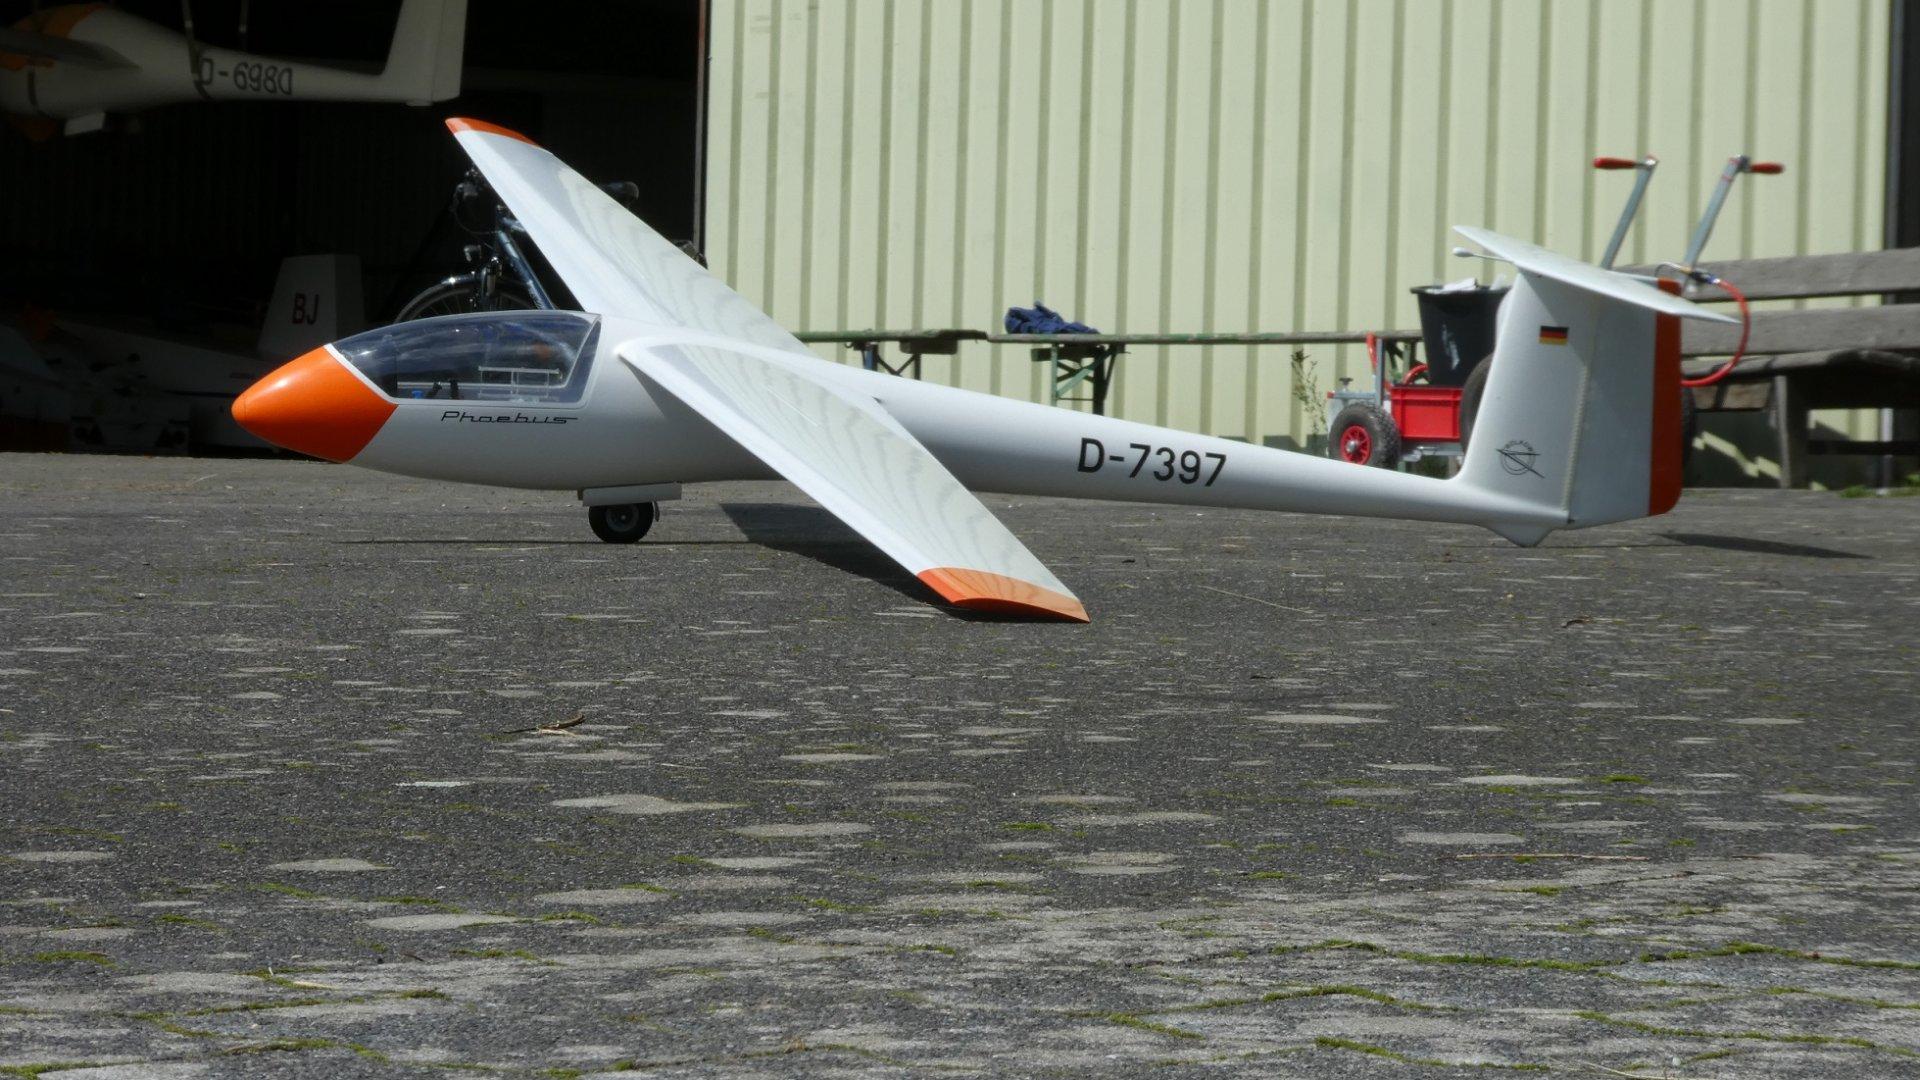 P1020045 klein.jpg